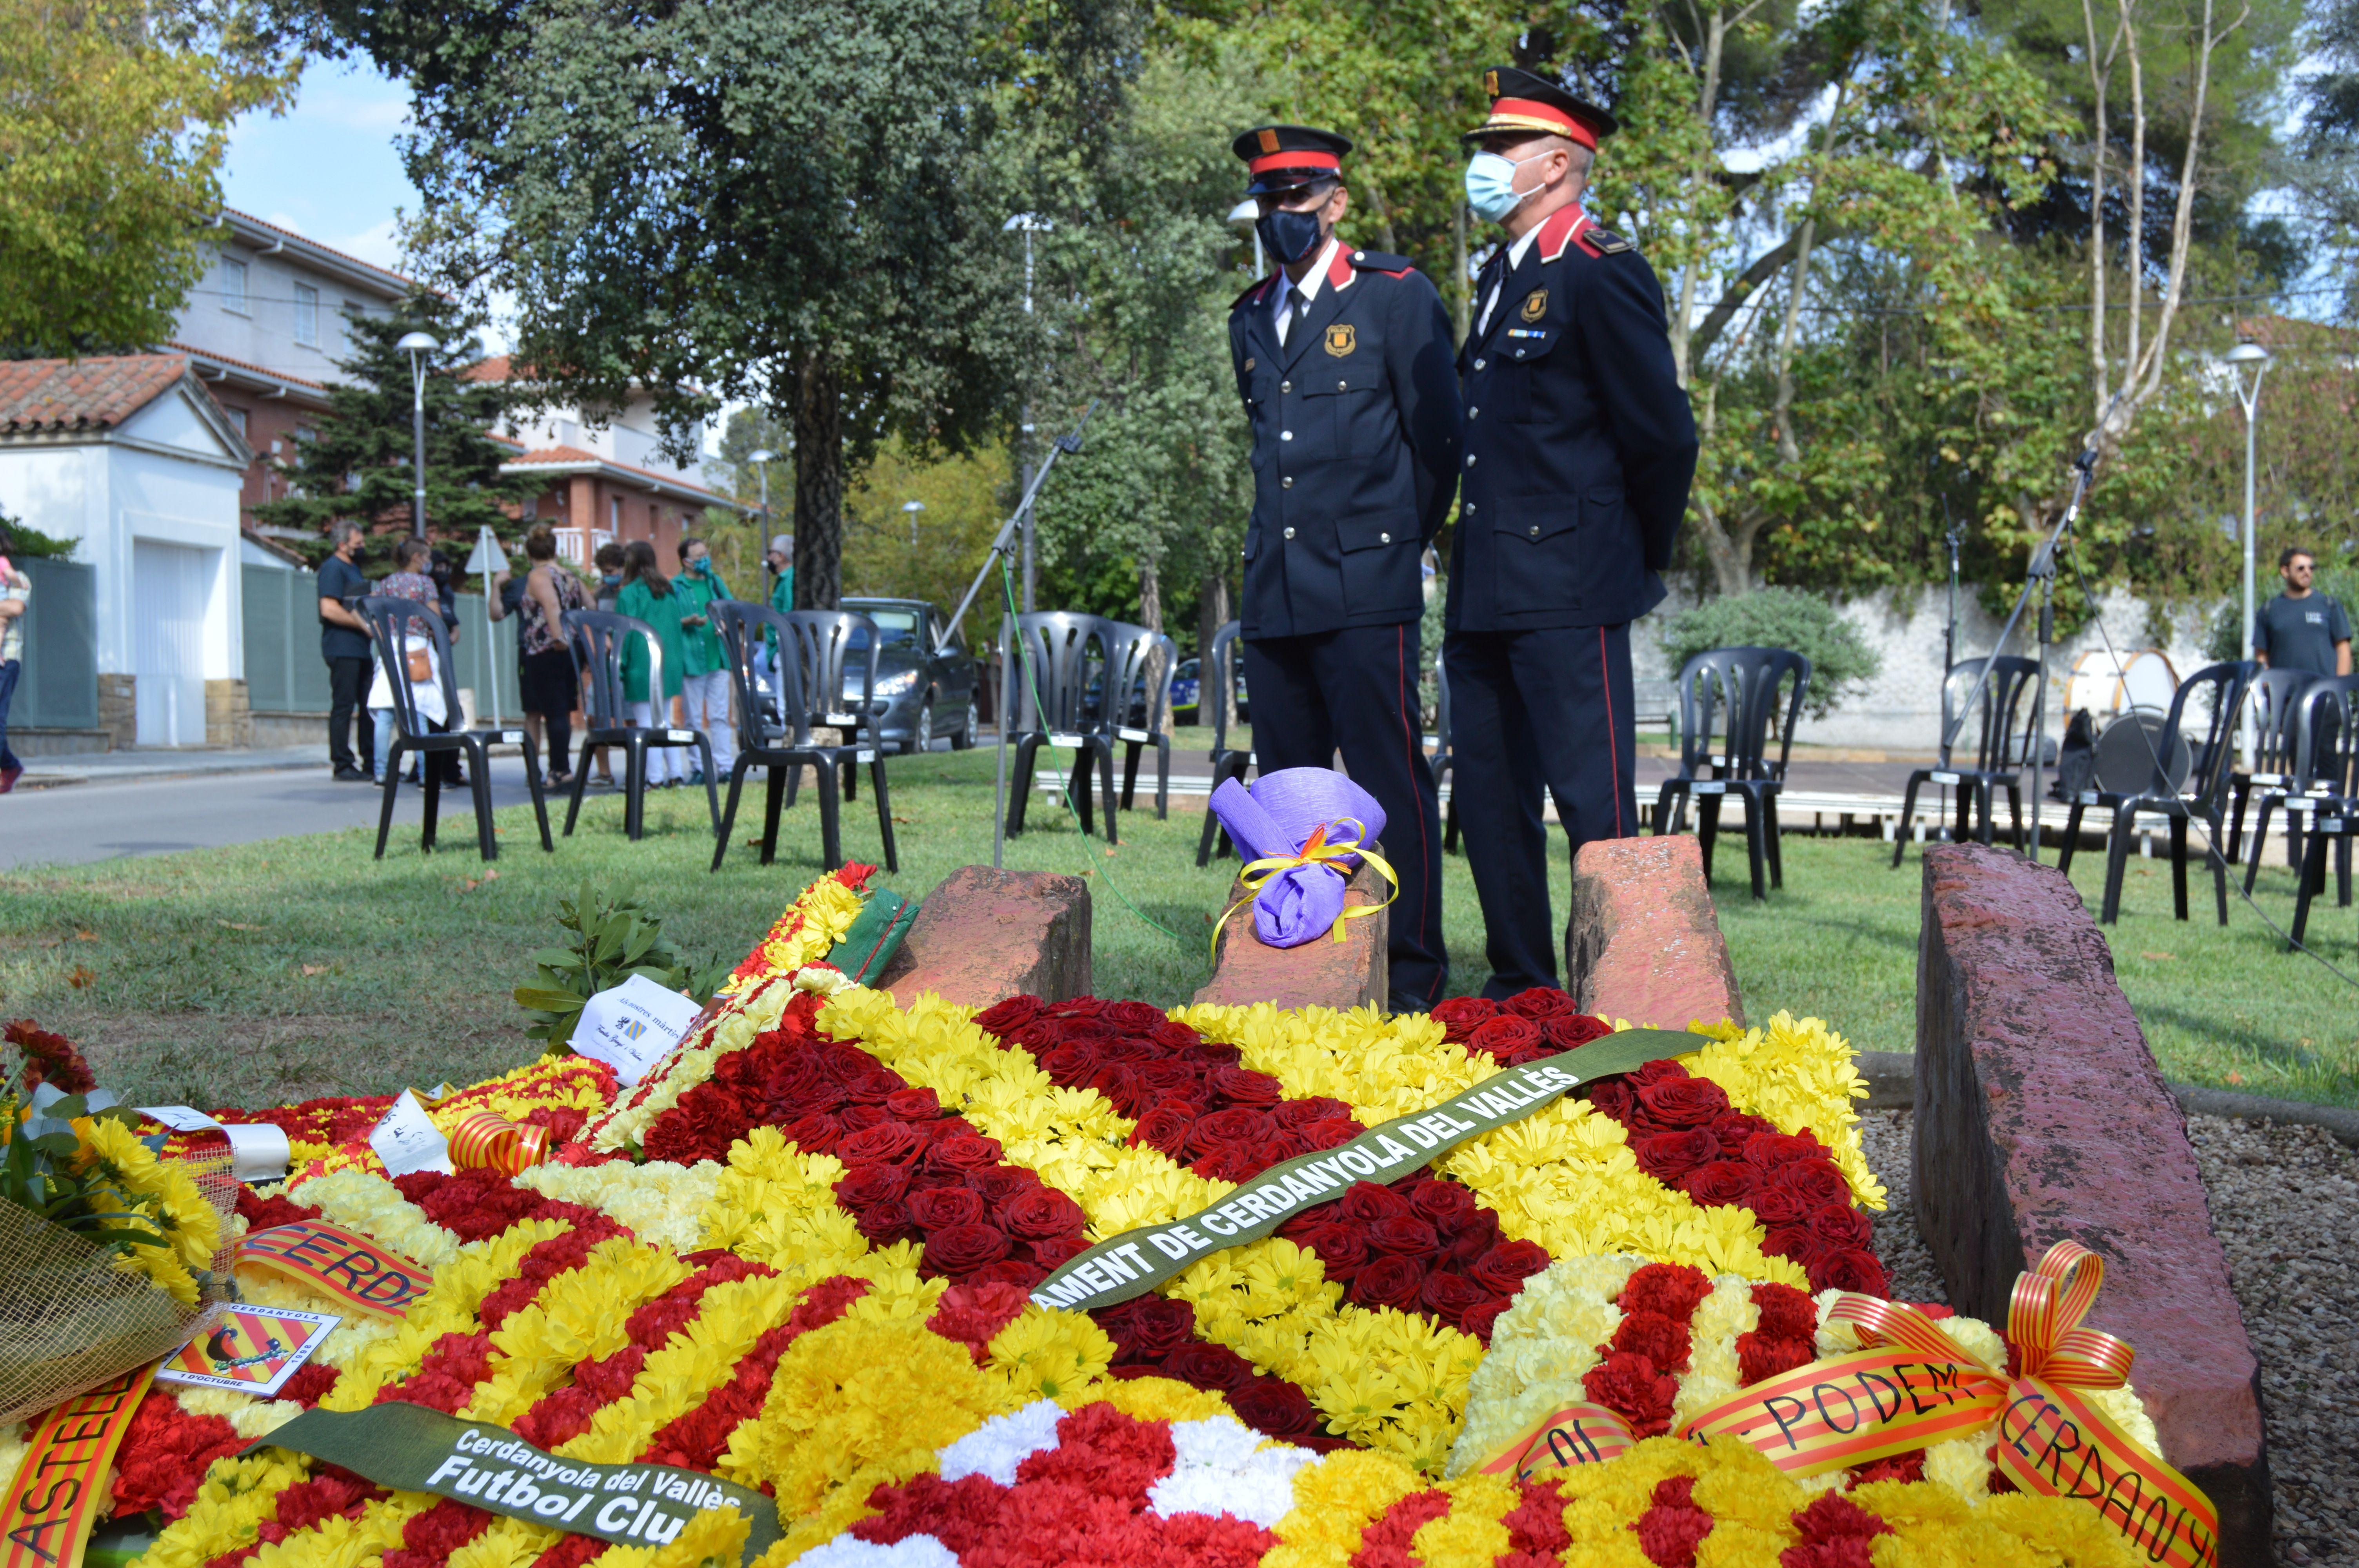 La Policia Local al darrere del monument 11 de setembre. FOTO: Nora Muñoz